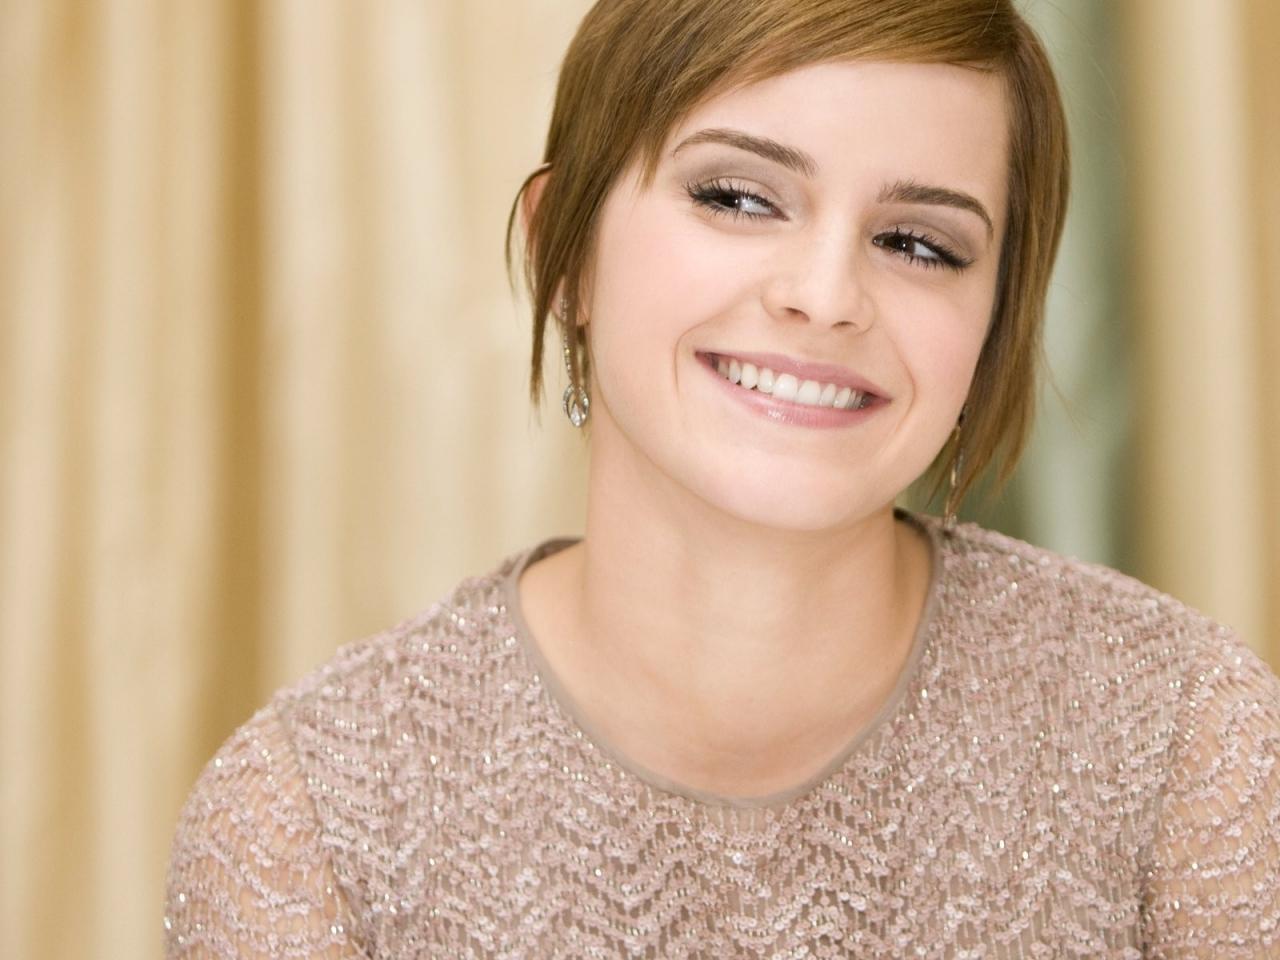 Sonrisa de Emma Watson - 1280x960